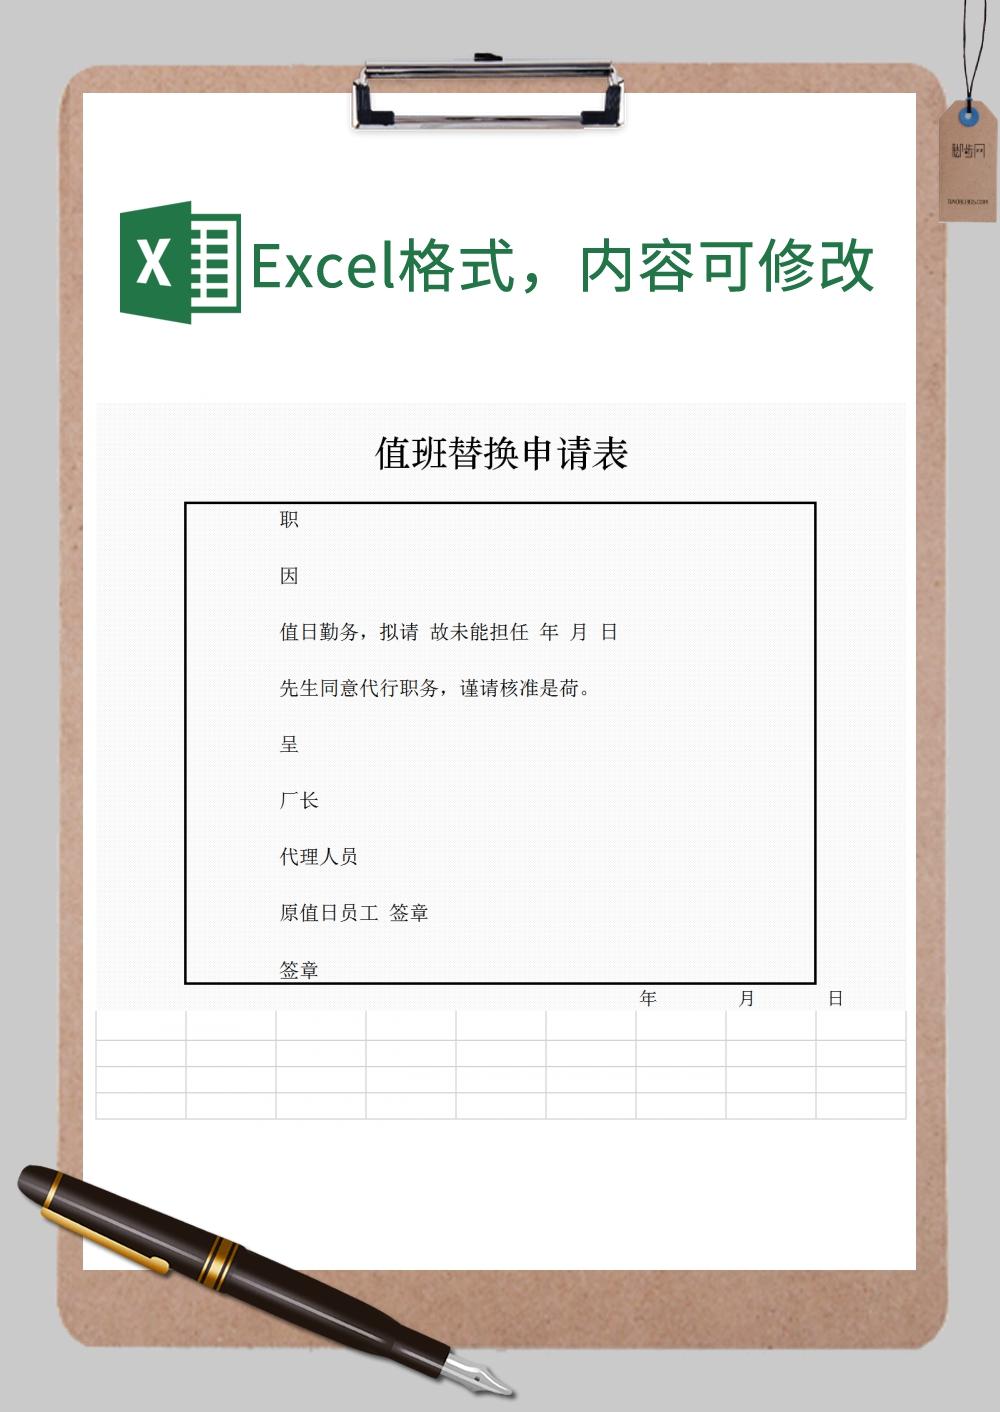 值班替换申请表xExcel模板